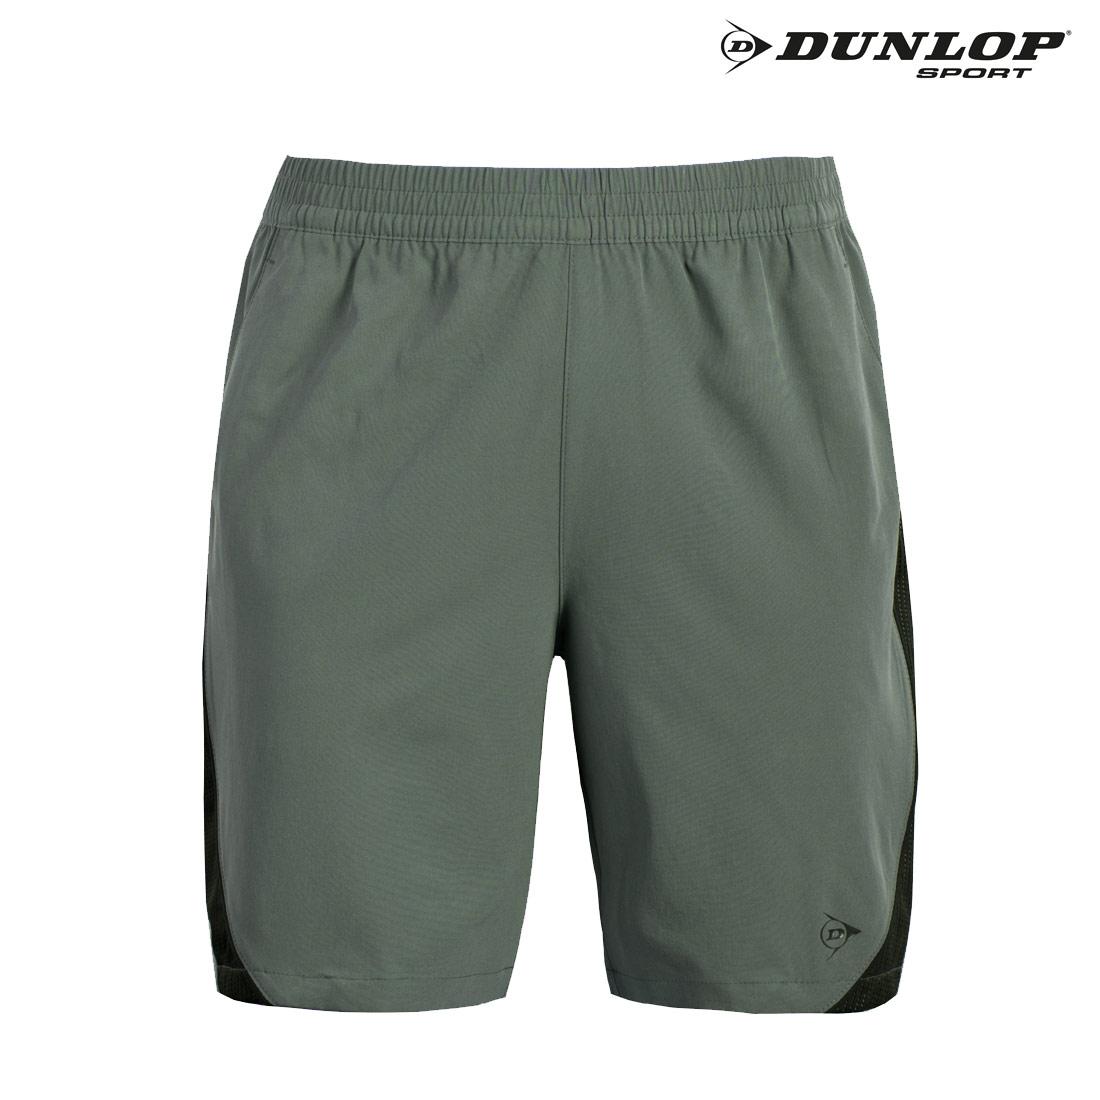 Quần đùi thể thao Nam Dunlop DQTES8006-1S